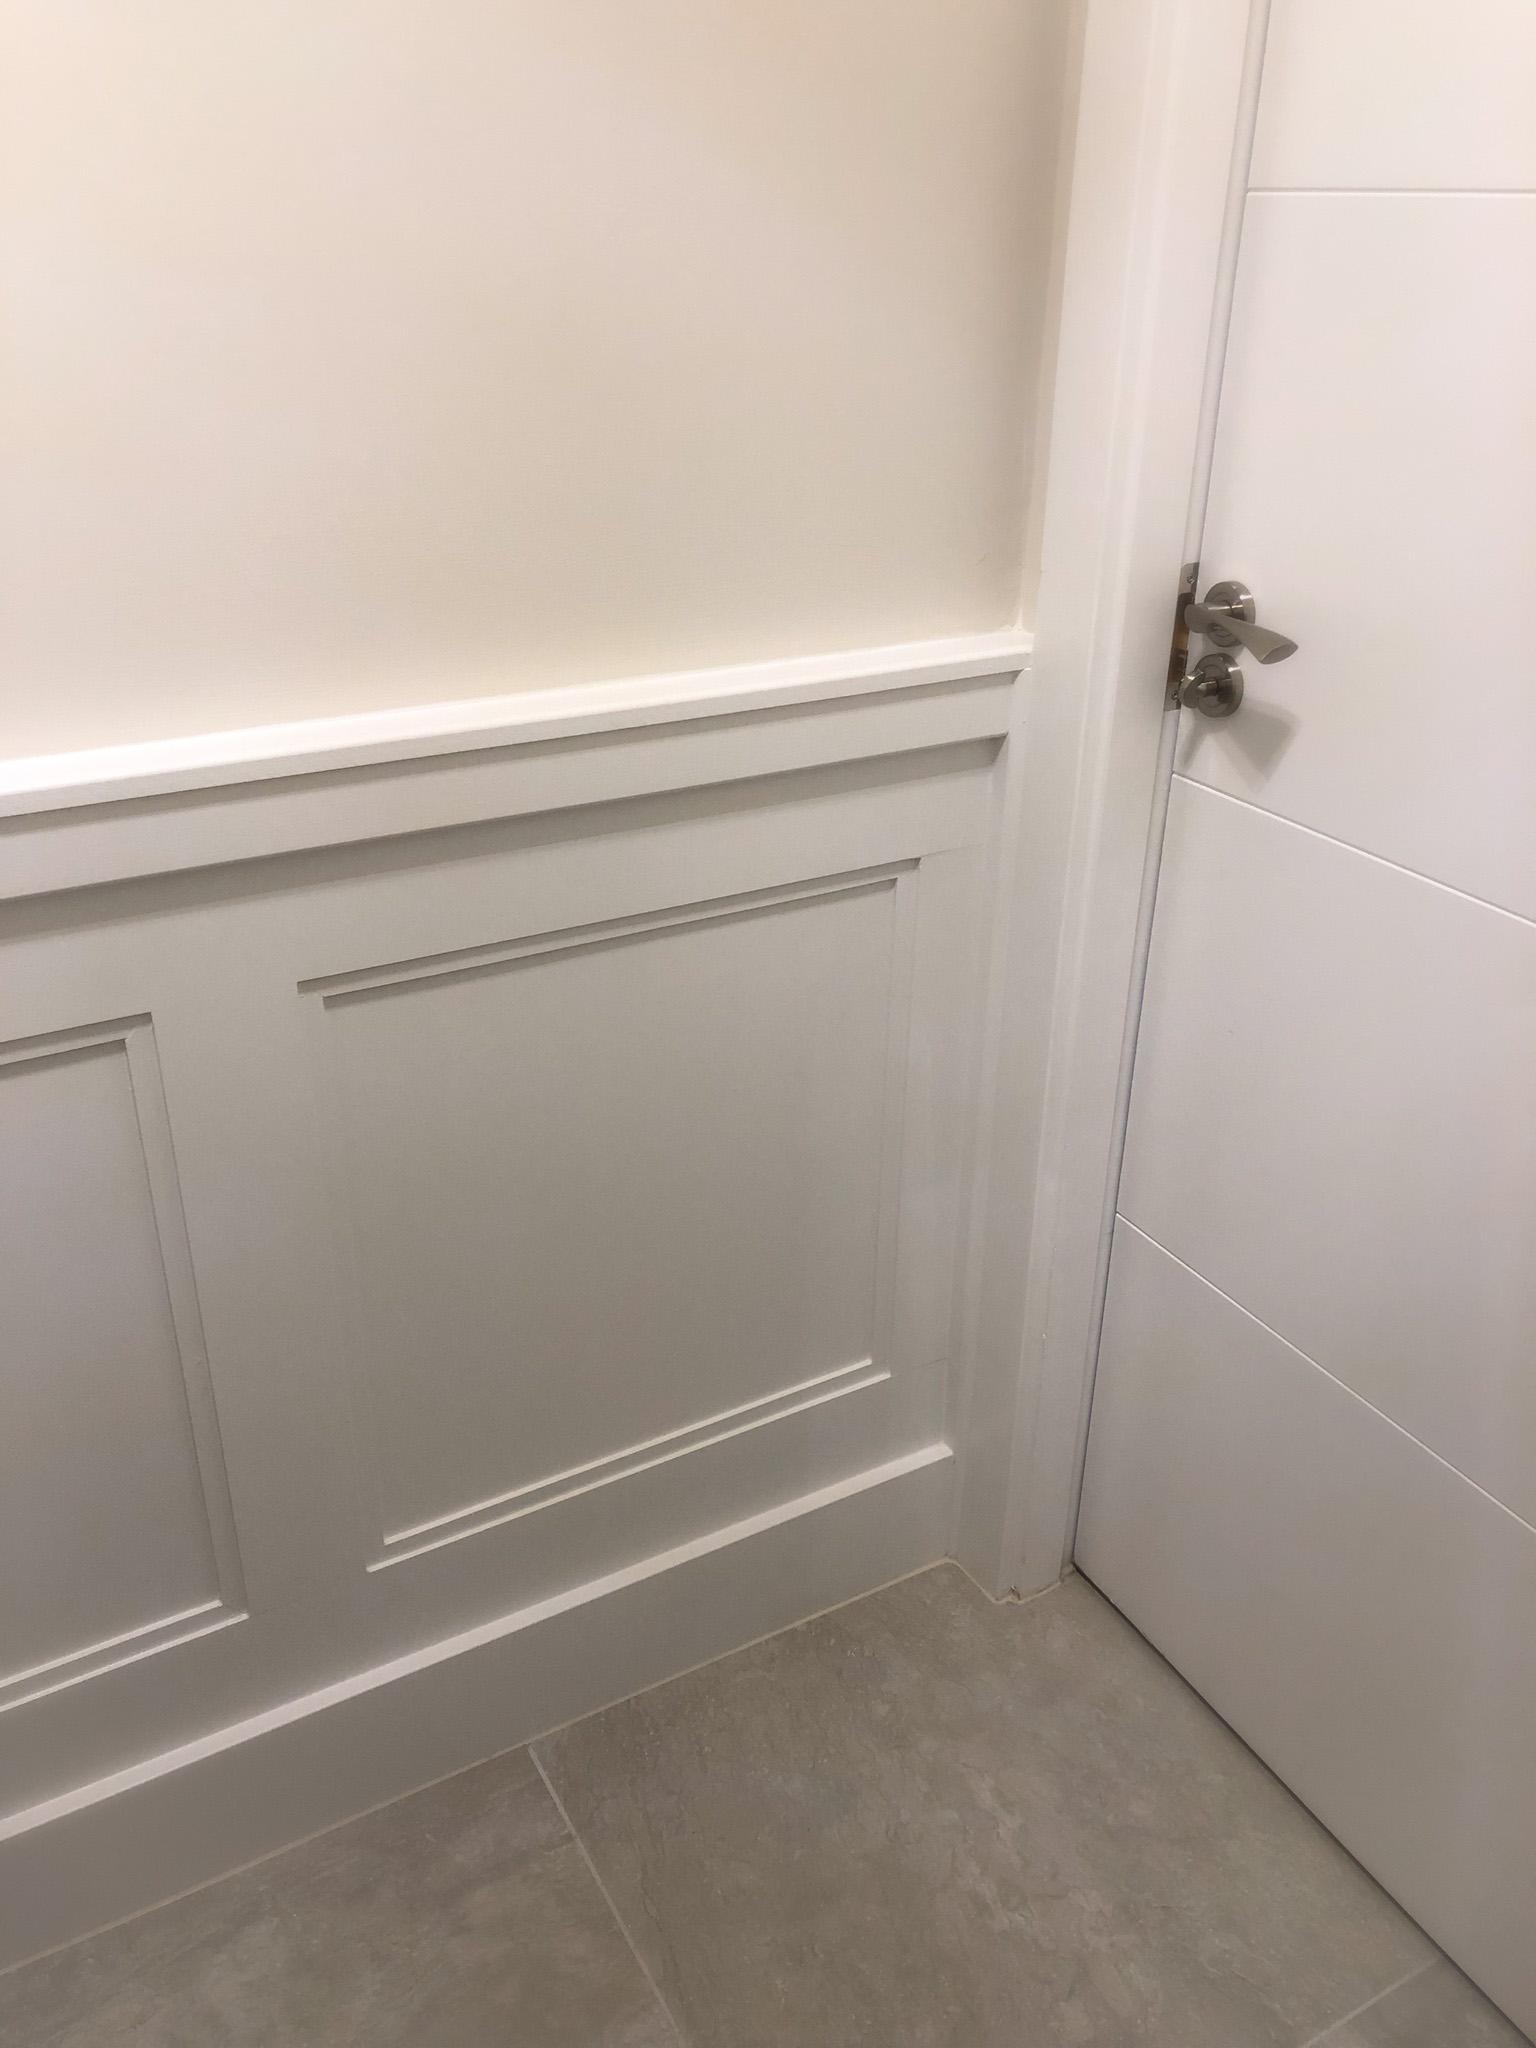 wainscoting wall panelling portmarnock dublin (4).jpg